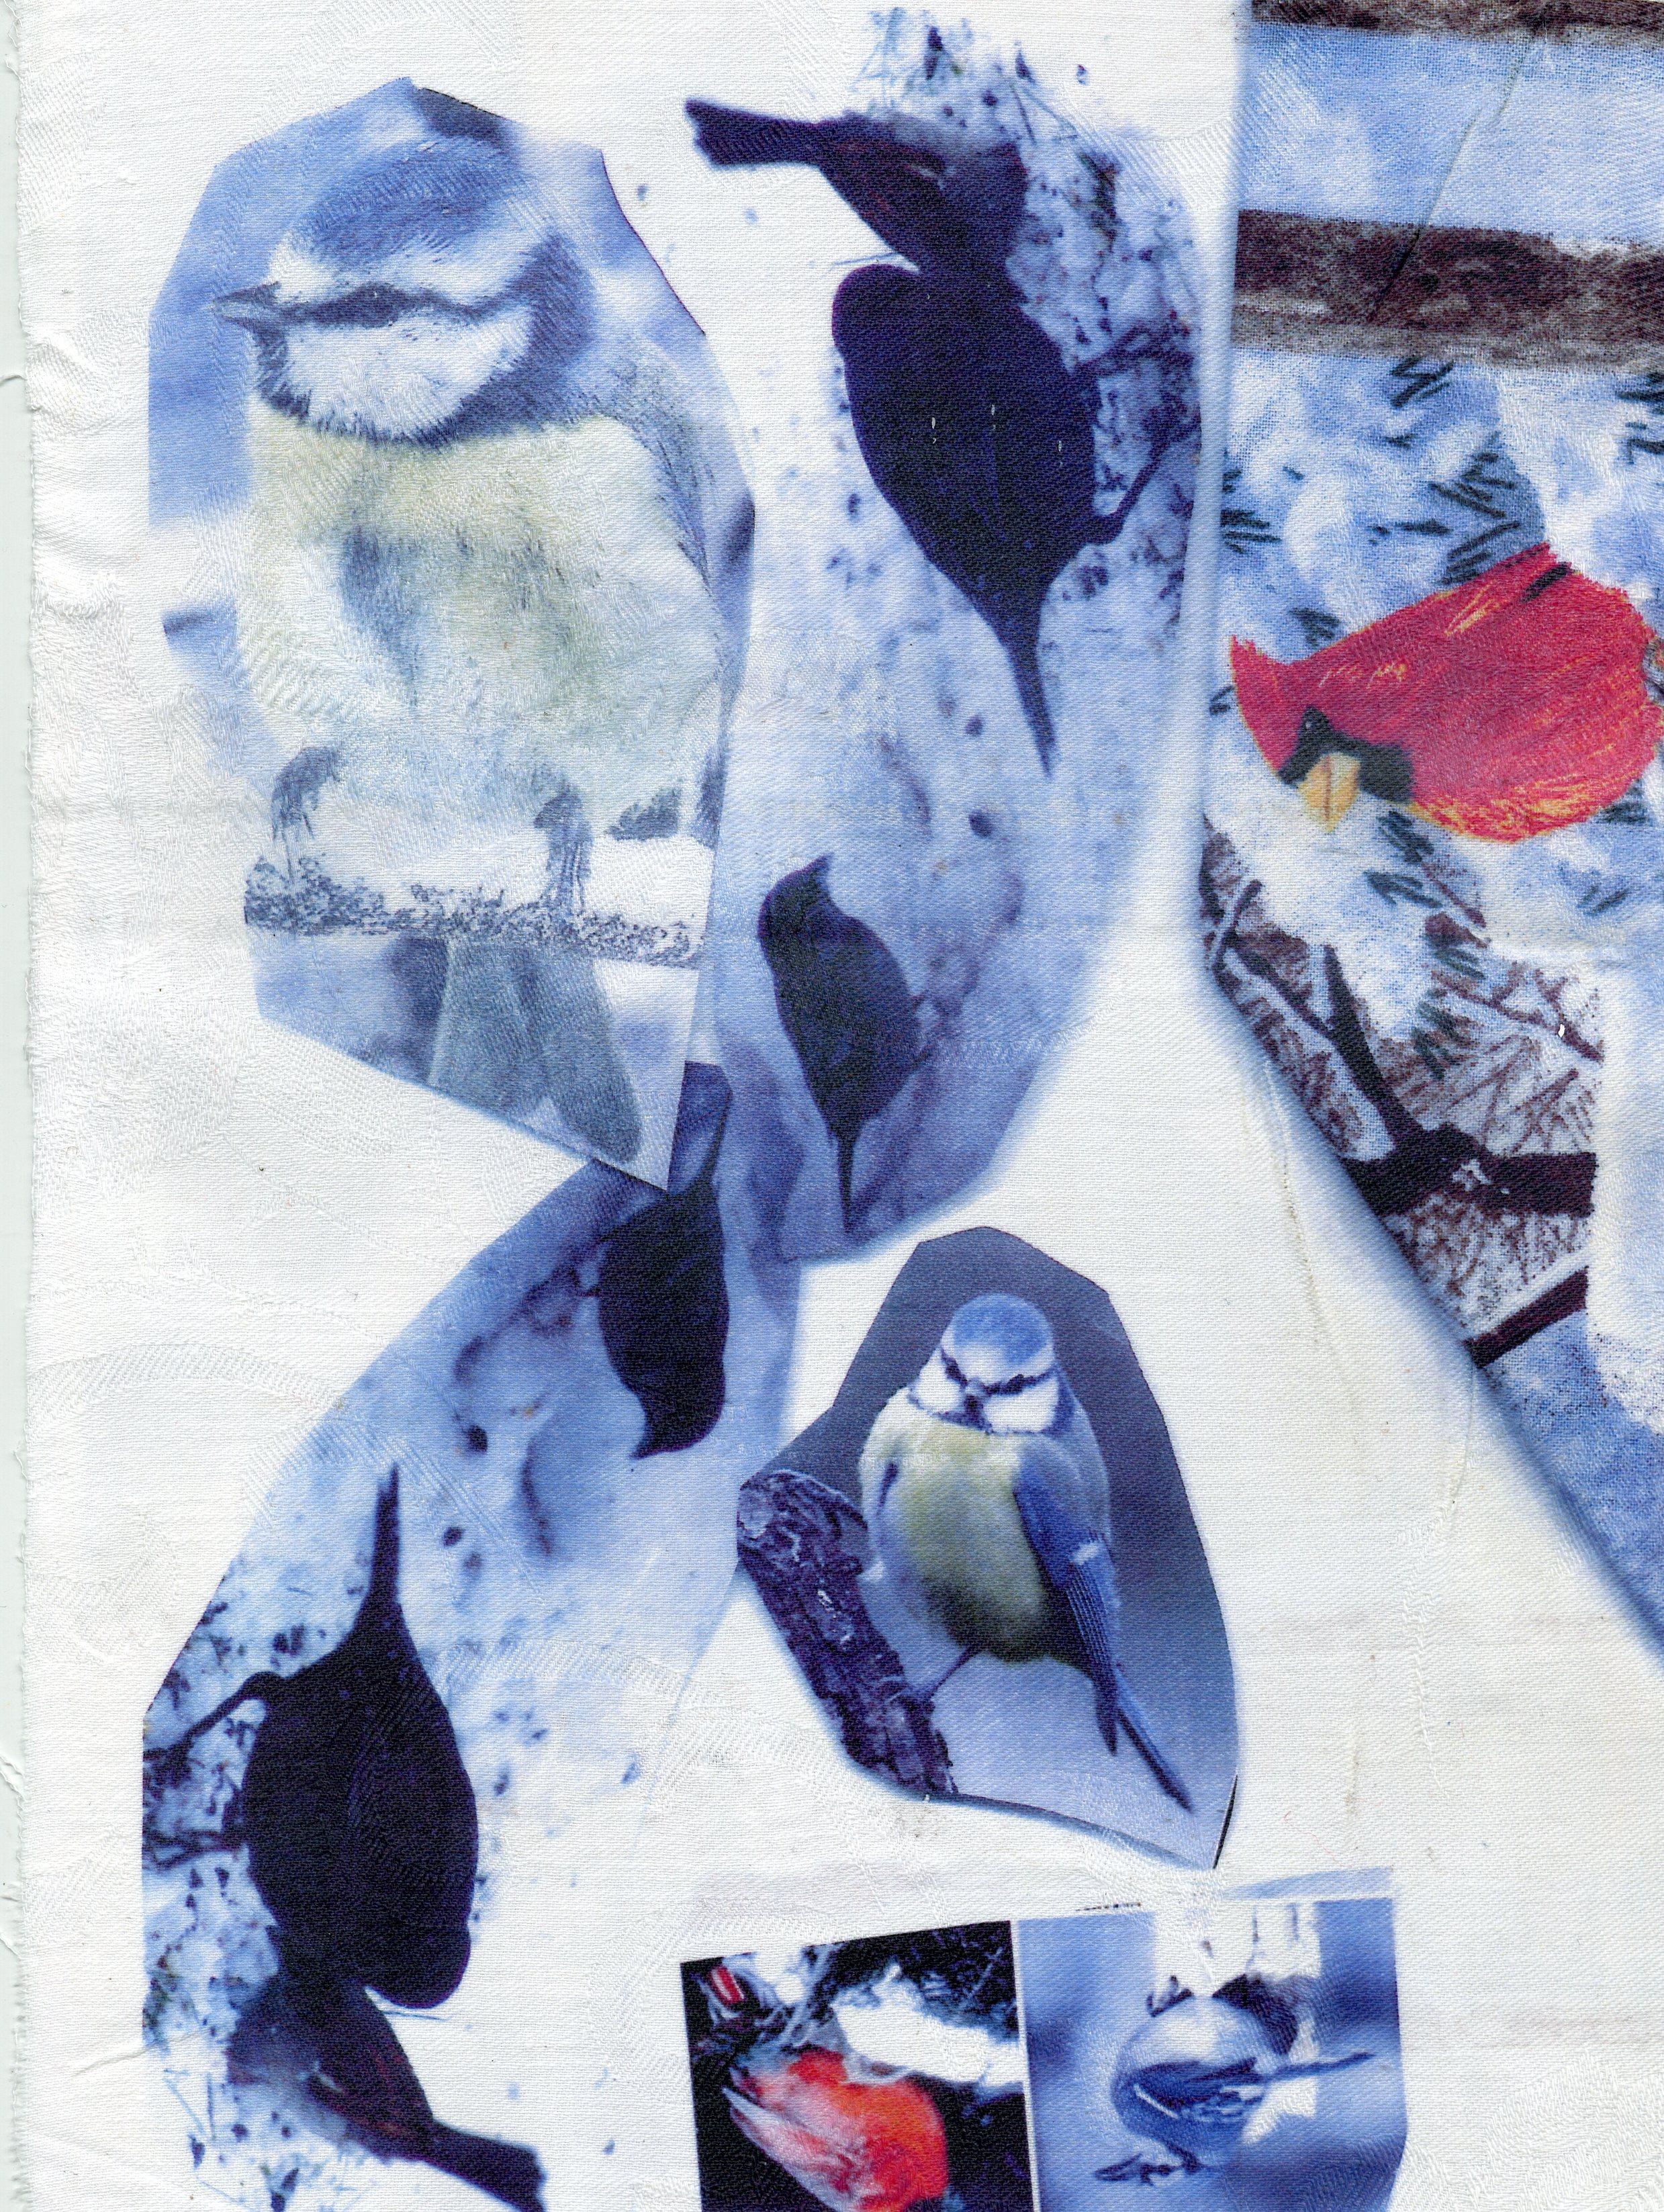 oiseaux-33139.jpg